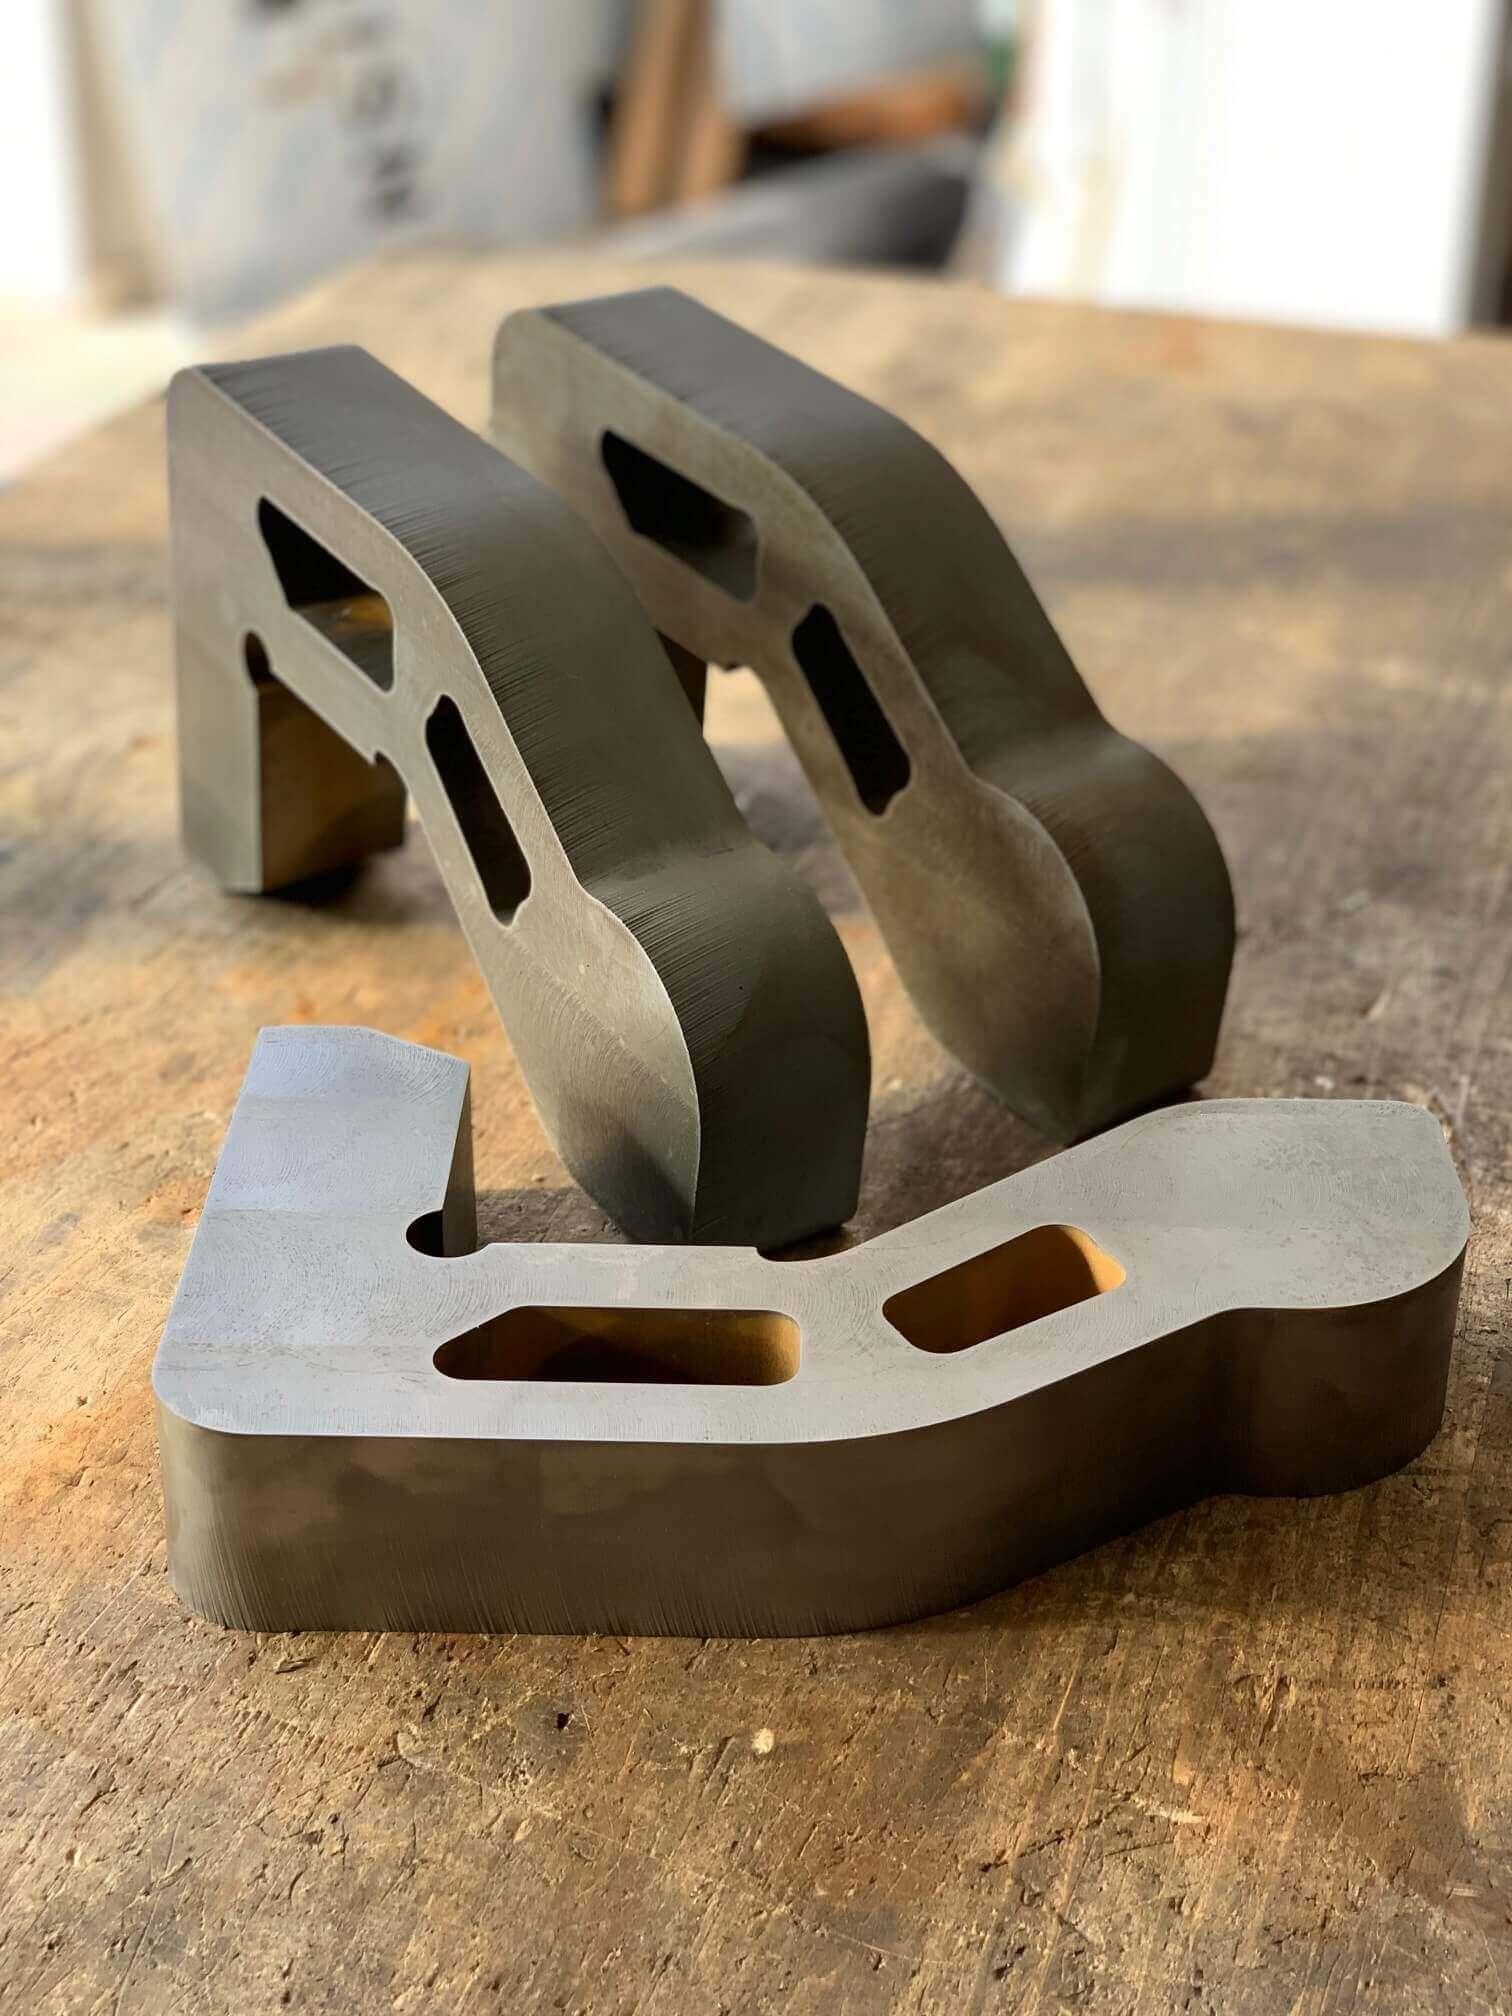 Waterjet cutting of steel